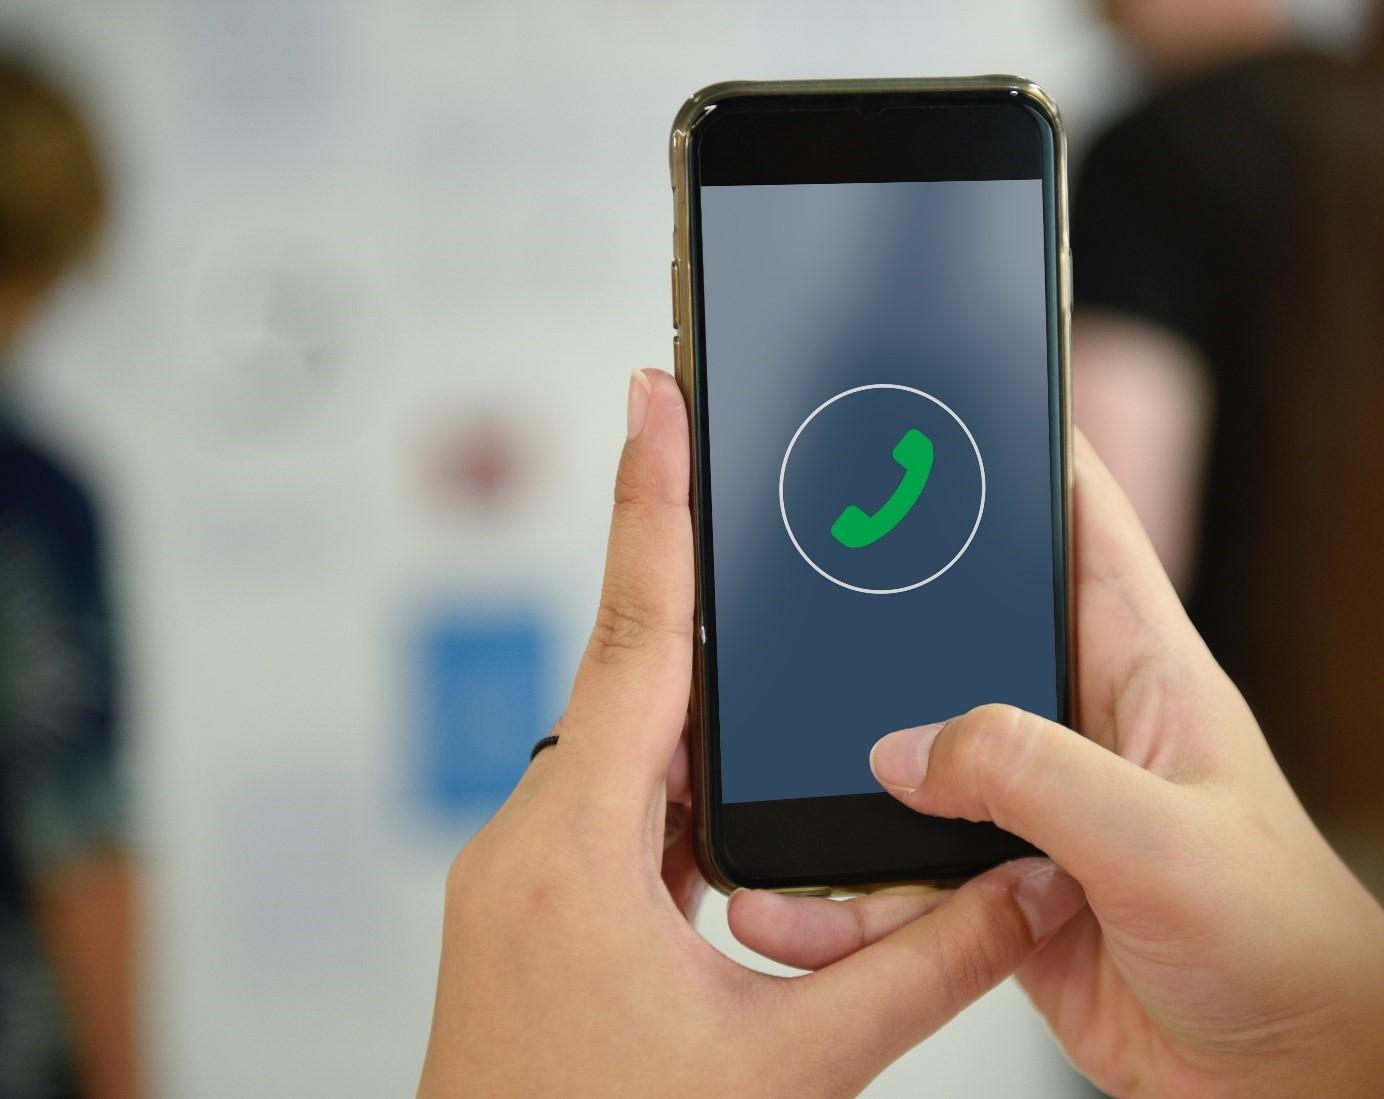 Eingehender Anruf auf dem Handy - Telefonkonferenzen mit Voice-over-IP (VoIP) von myTelc